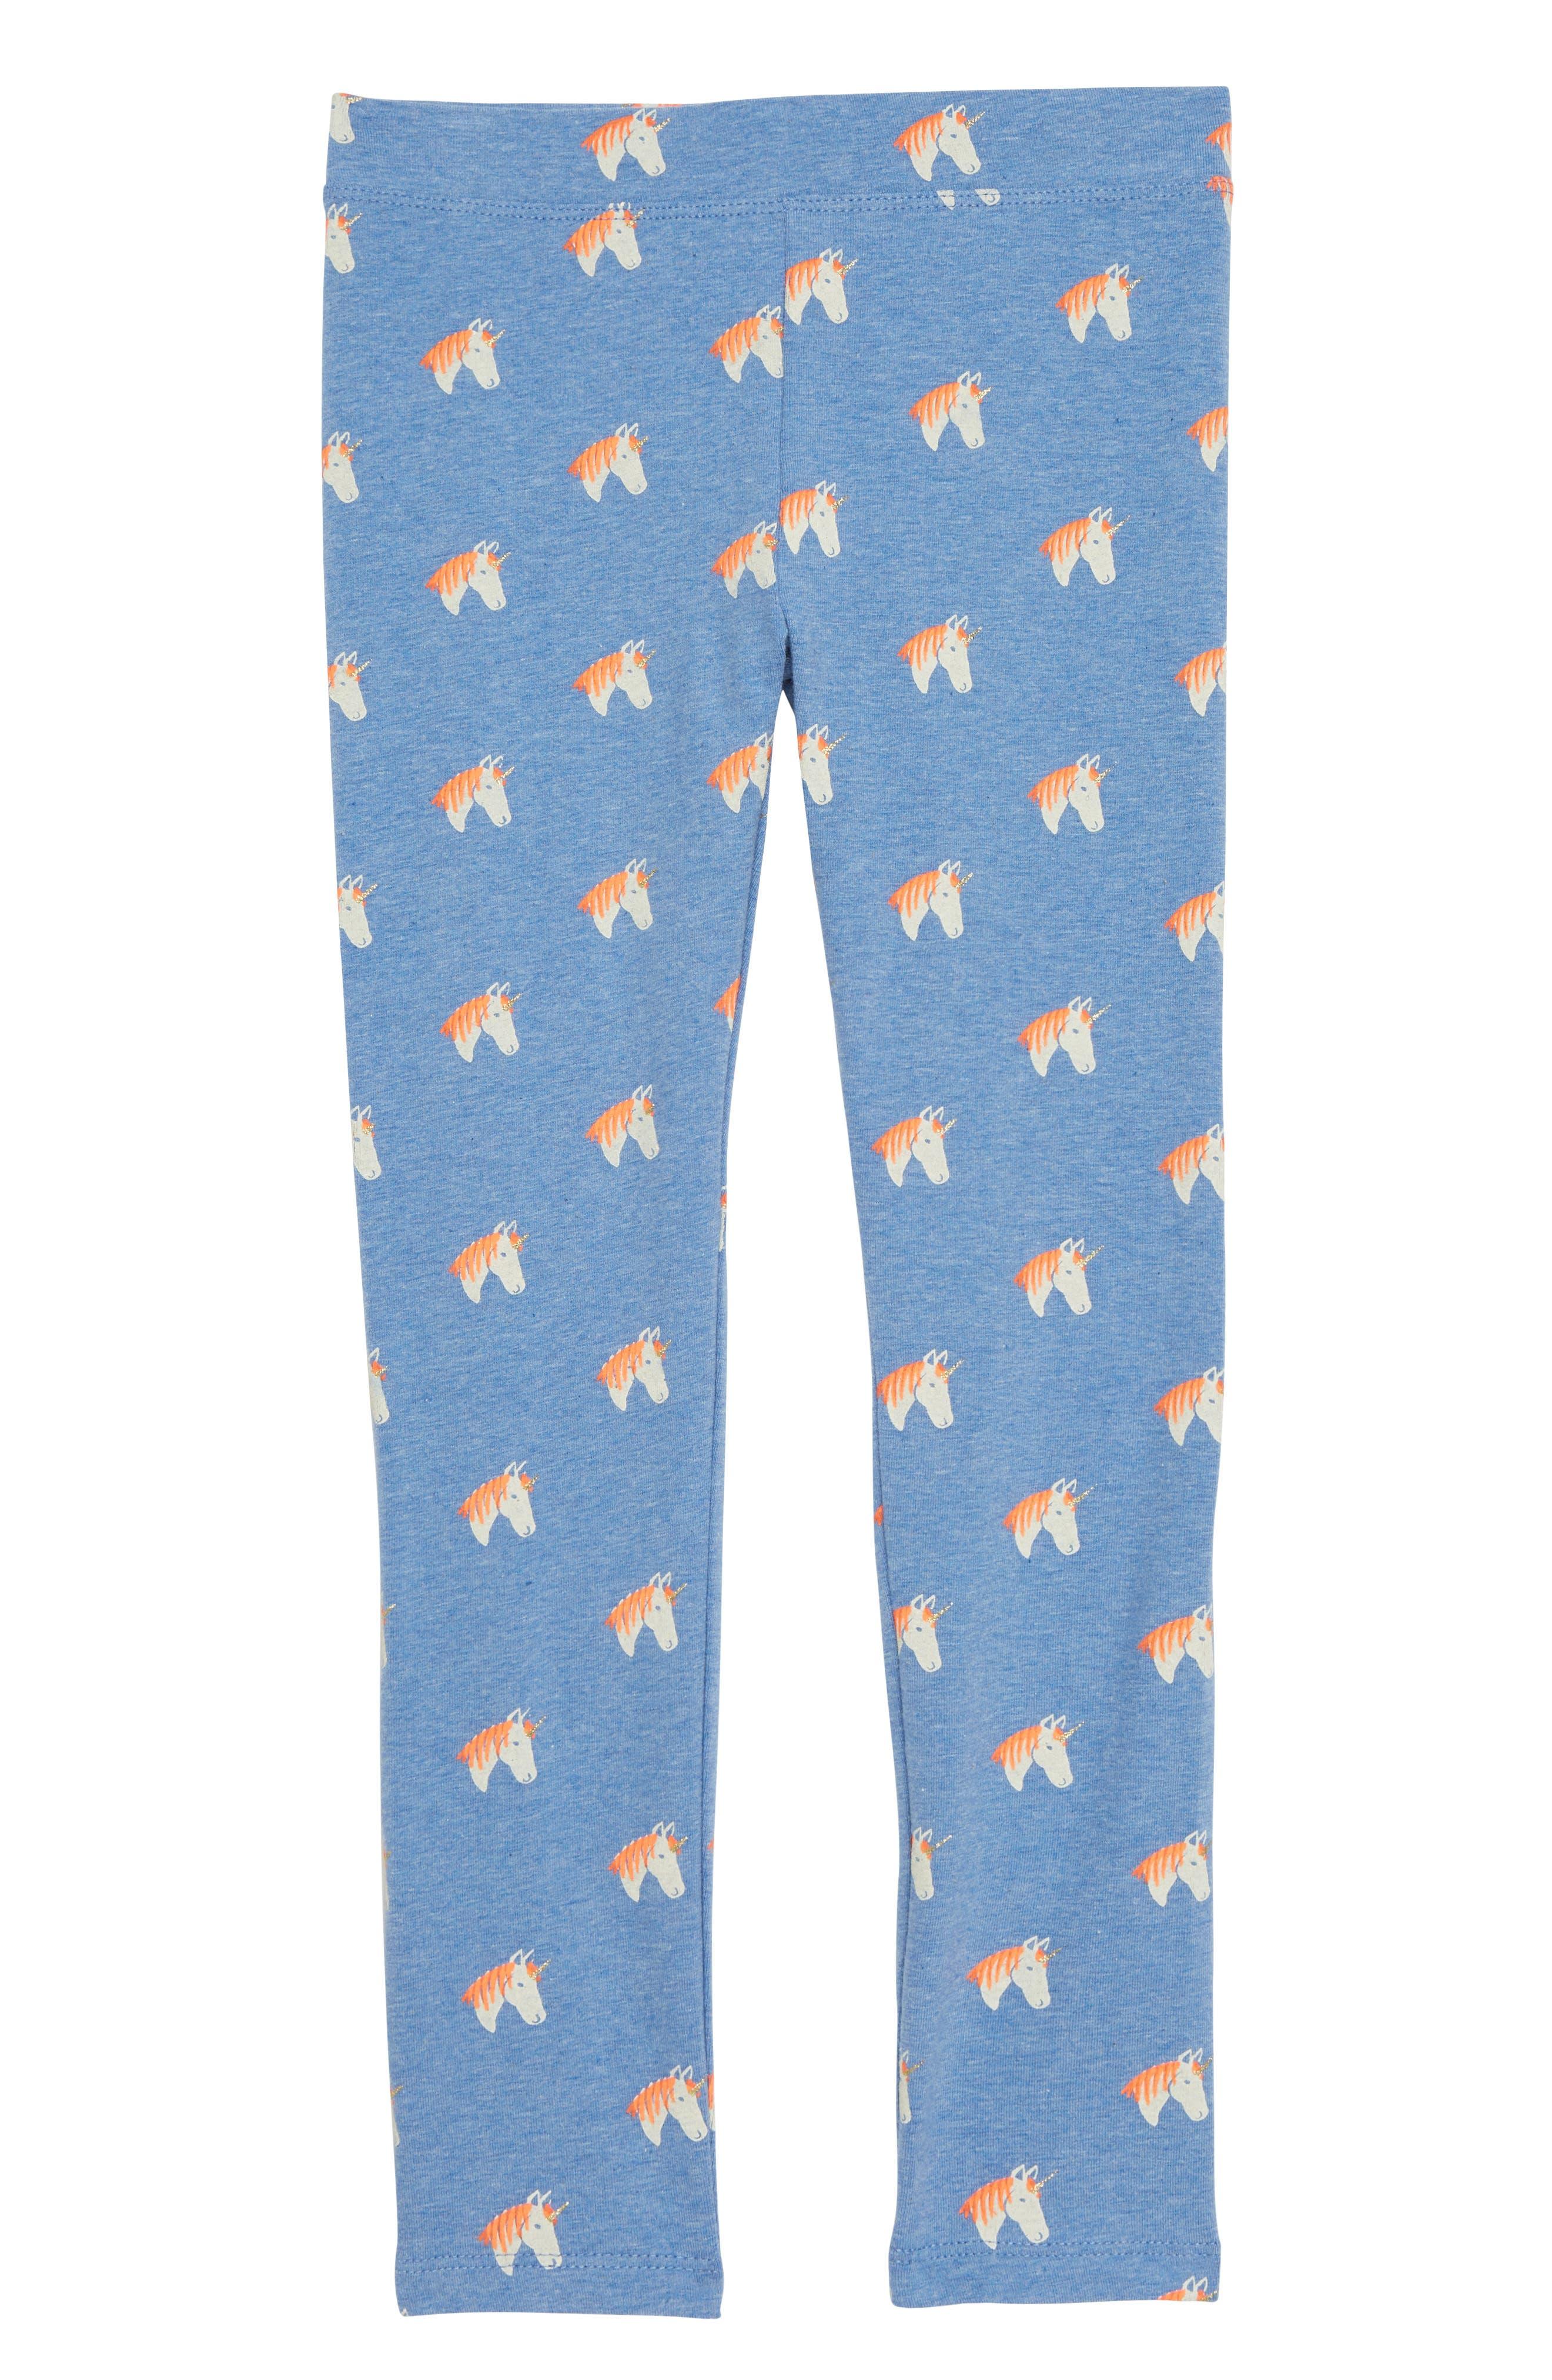 Unicorn Leggings,                             Main thumbnail 1, color,                             SUN BLUE